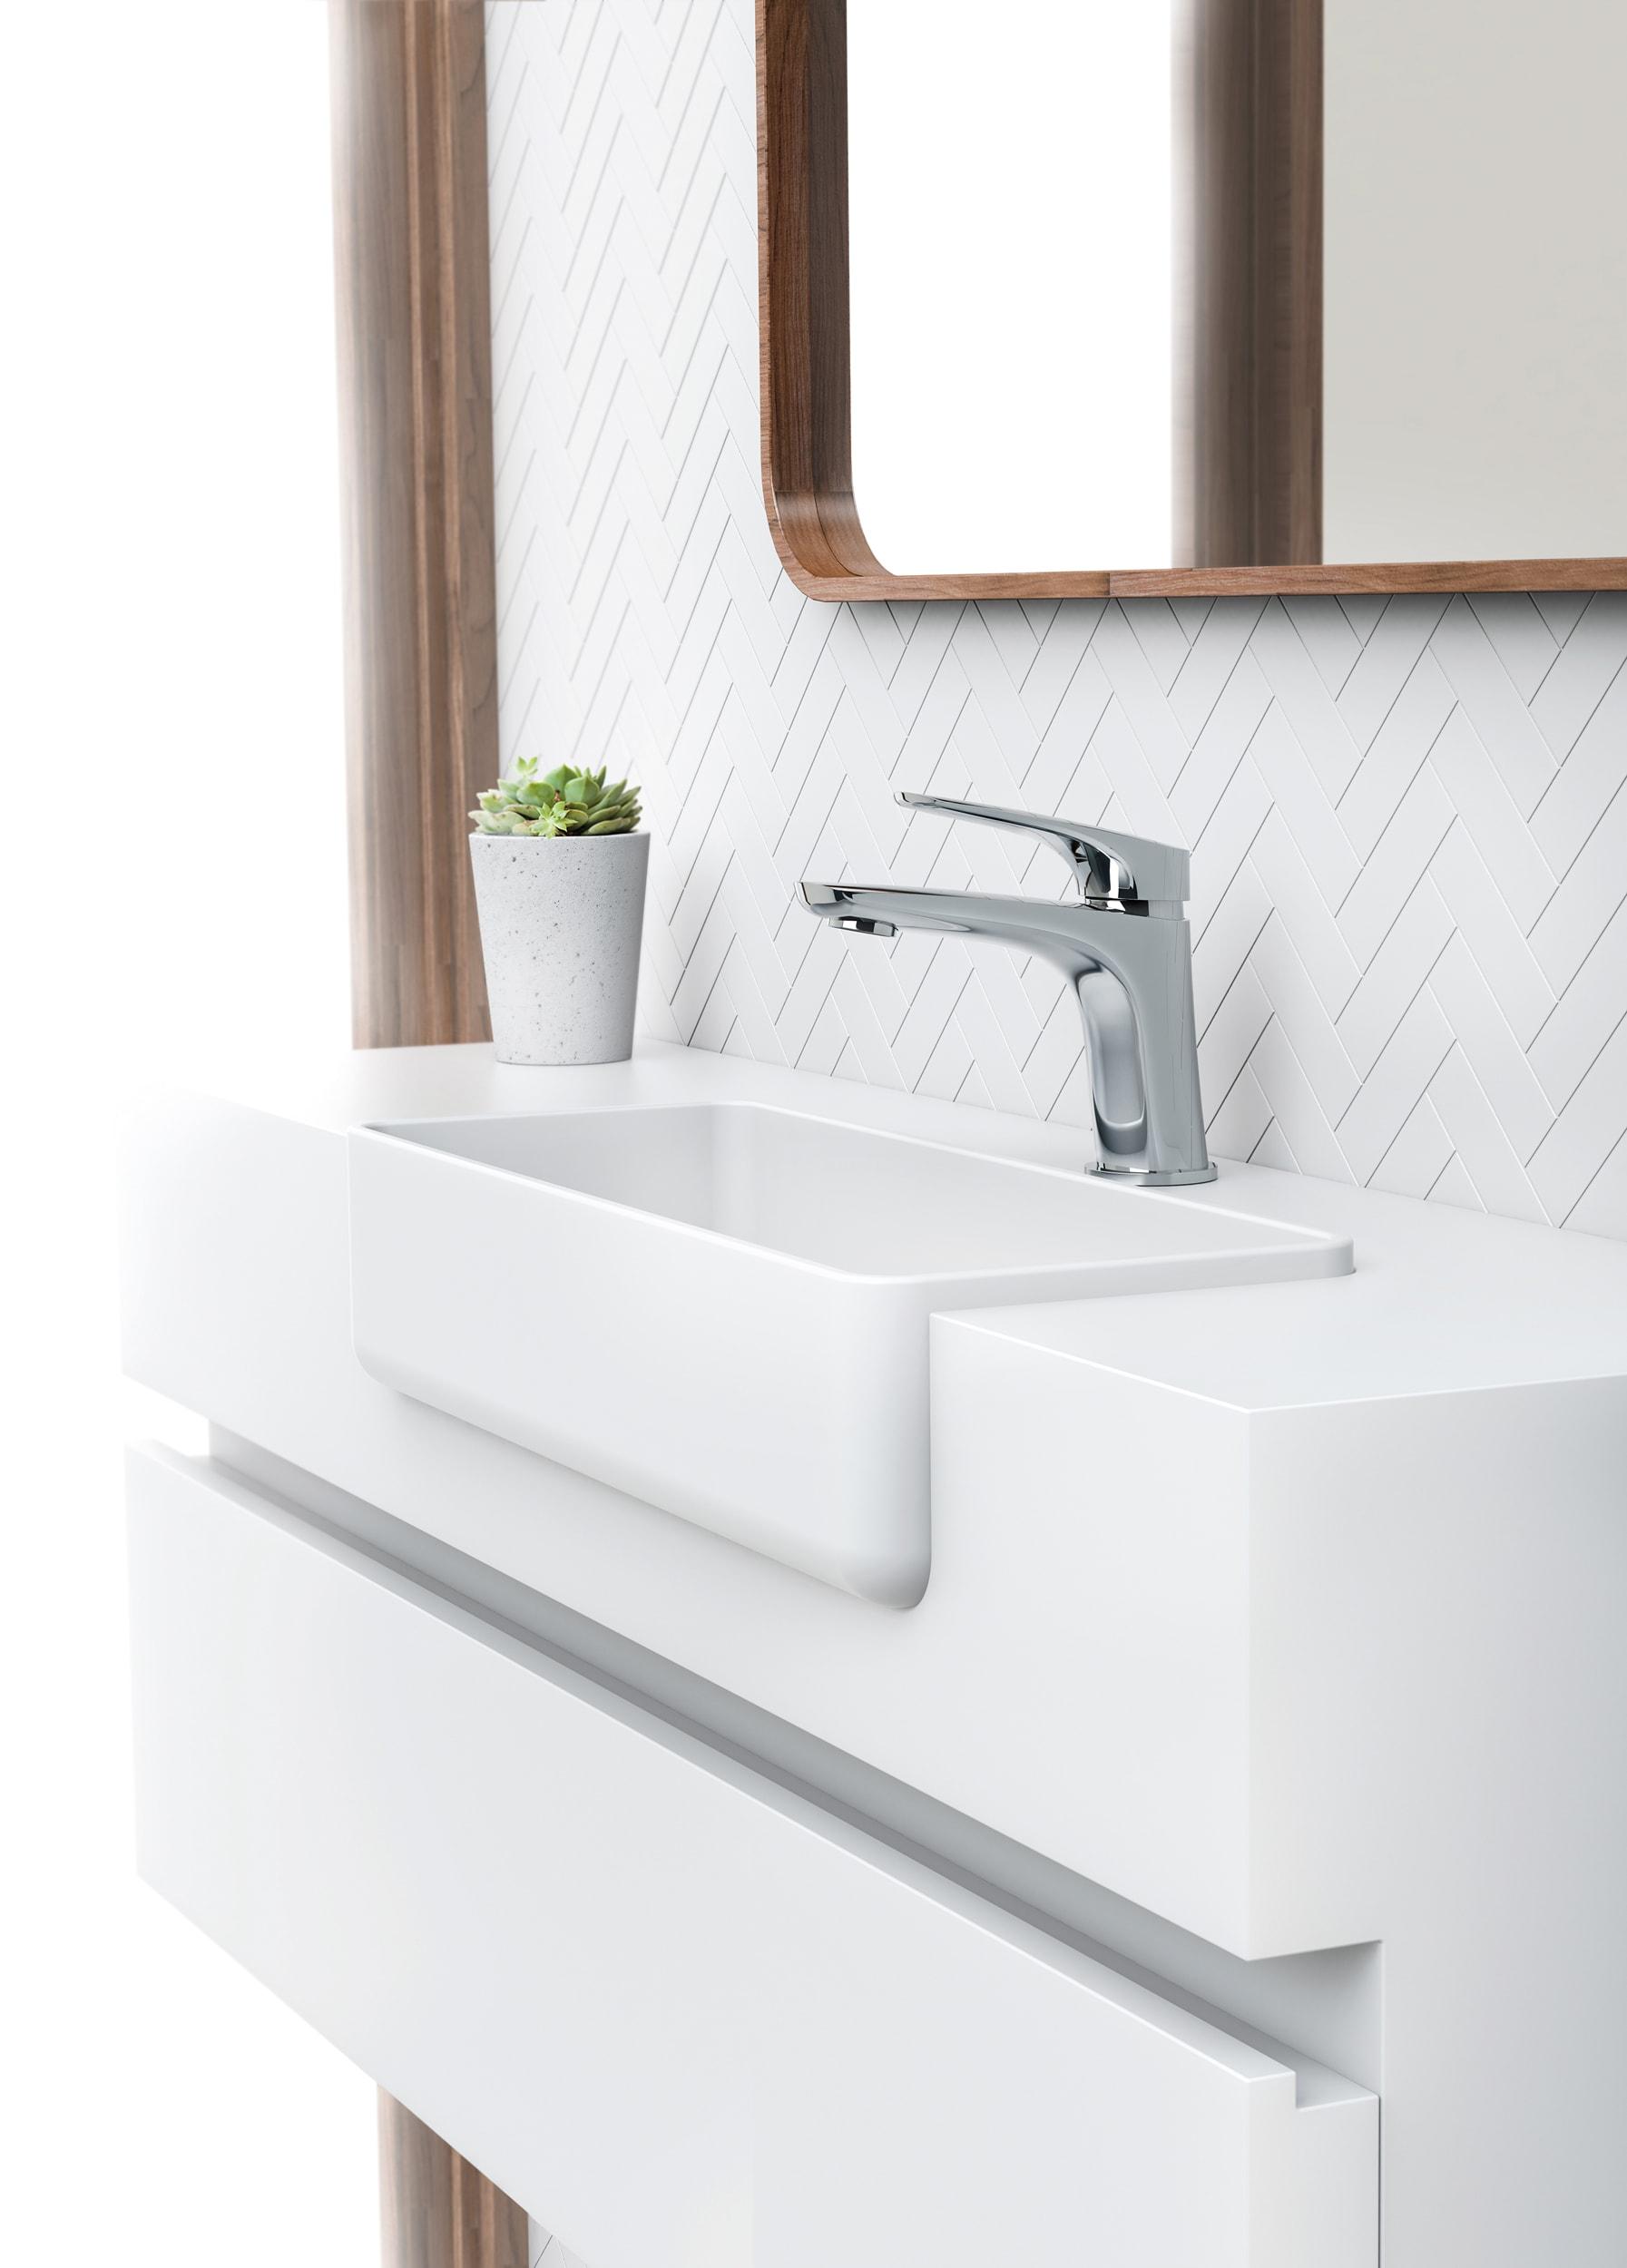 Avenir Future Design Pty Ltd - Bathroom Equipment & Accessories ...